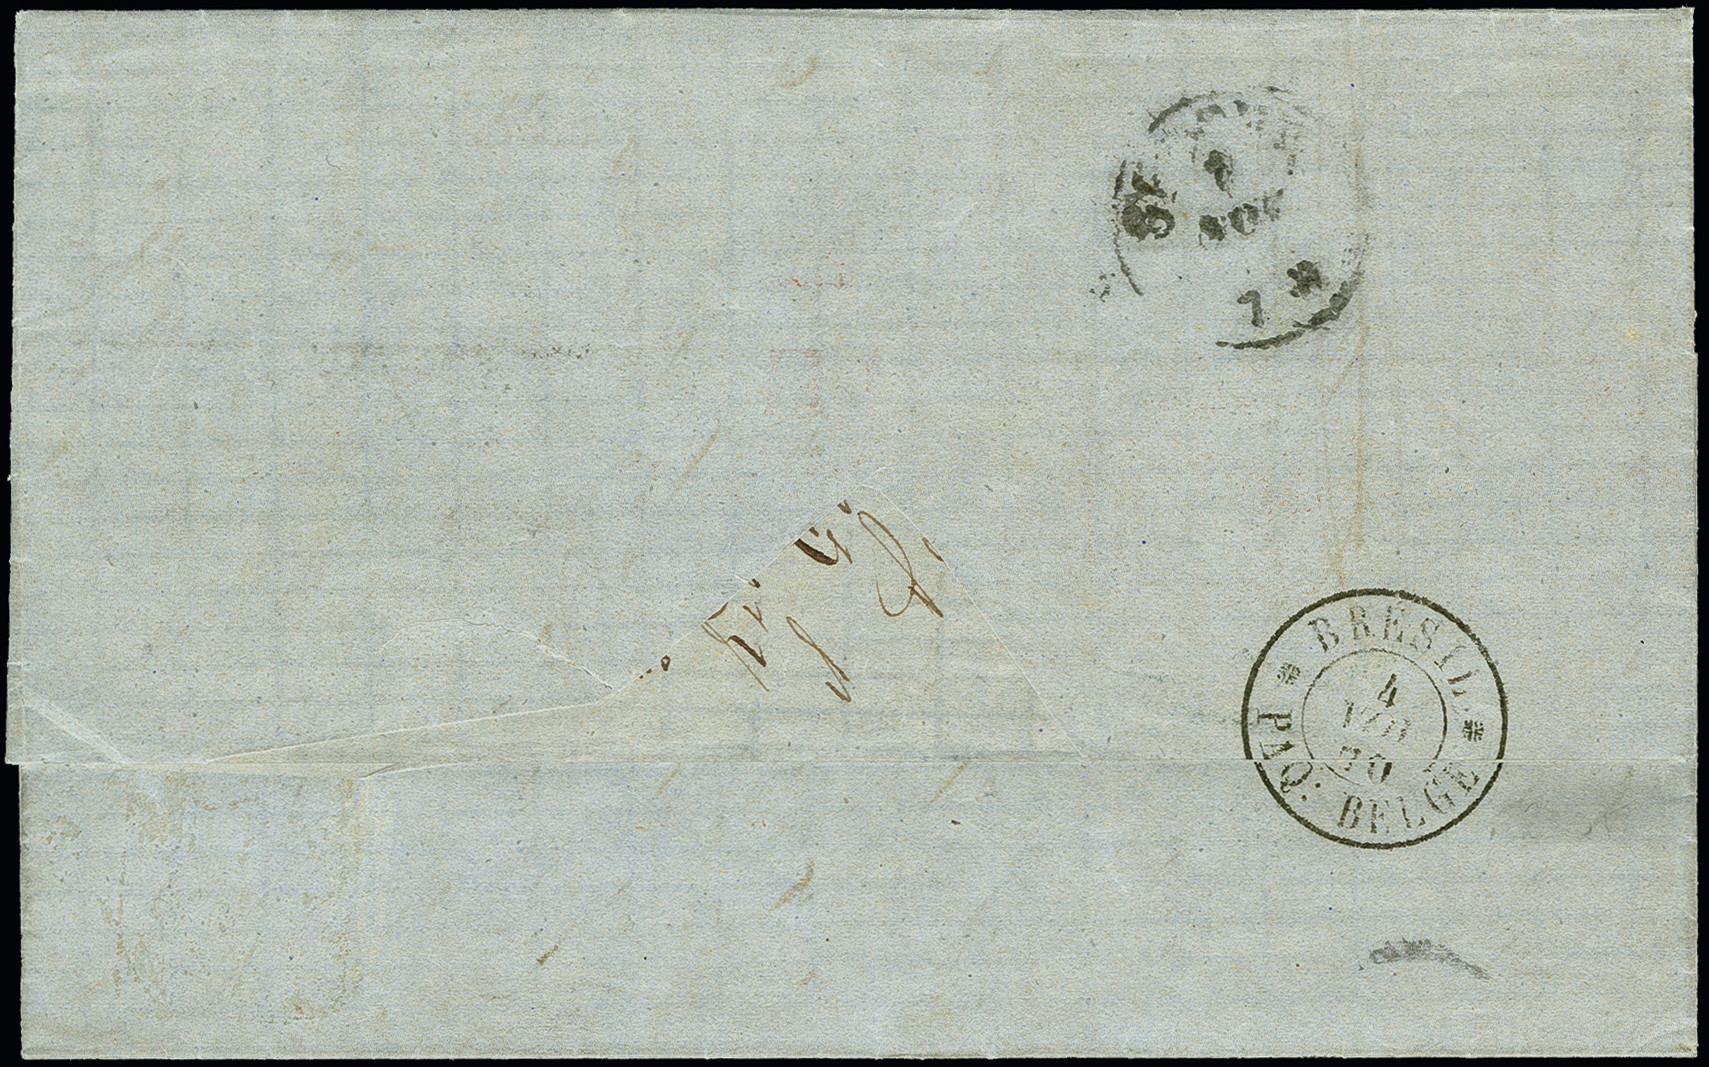 Lot 1547 - übersee brazil -  Heinrich Koehler Auktionen 375rd Heinrich Köhler auction - Day 1